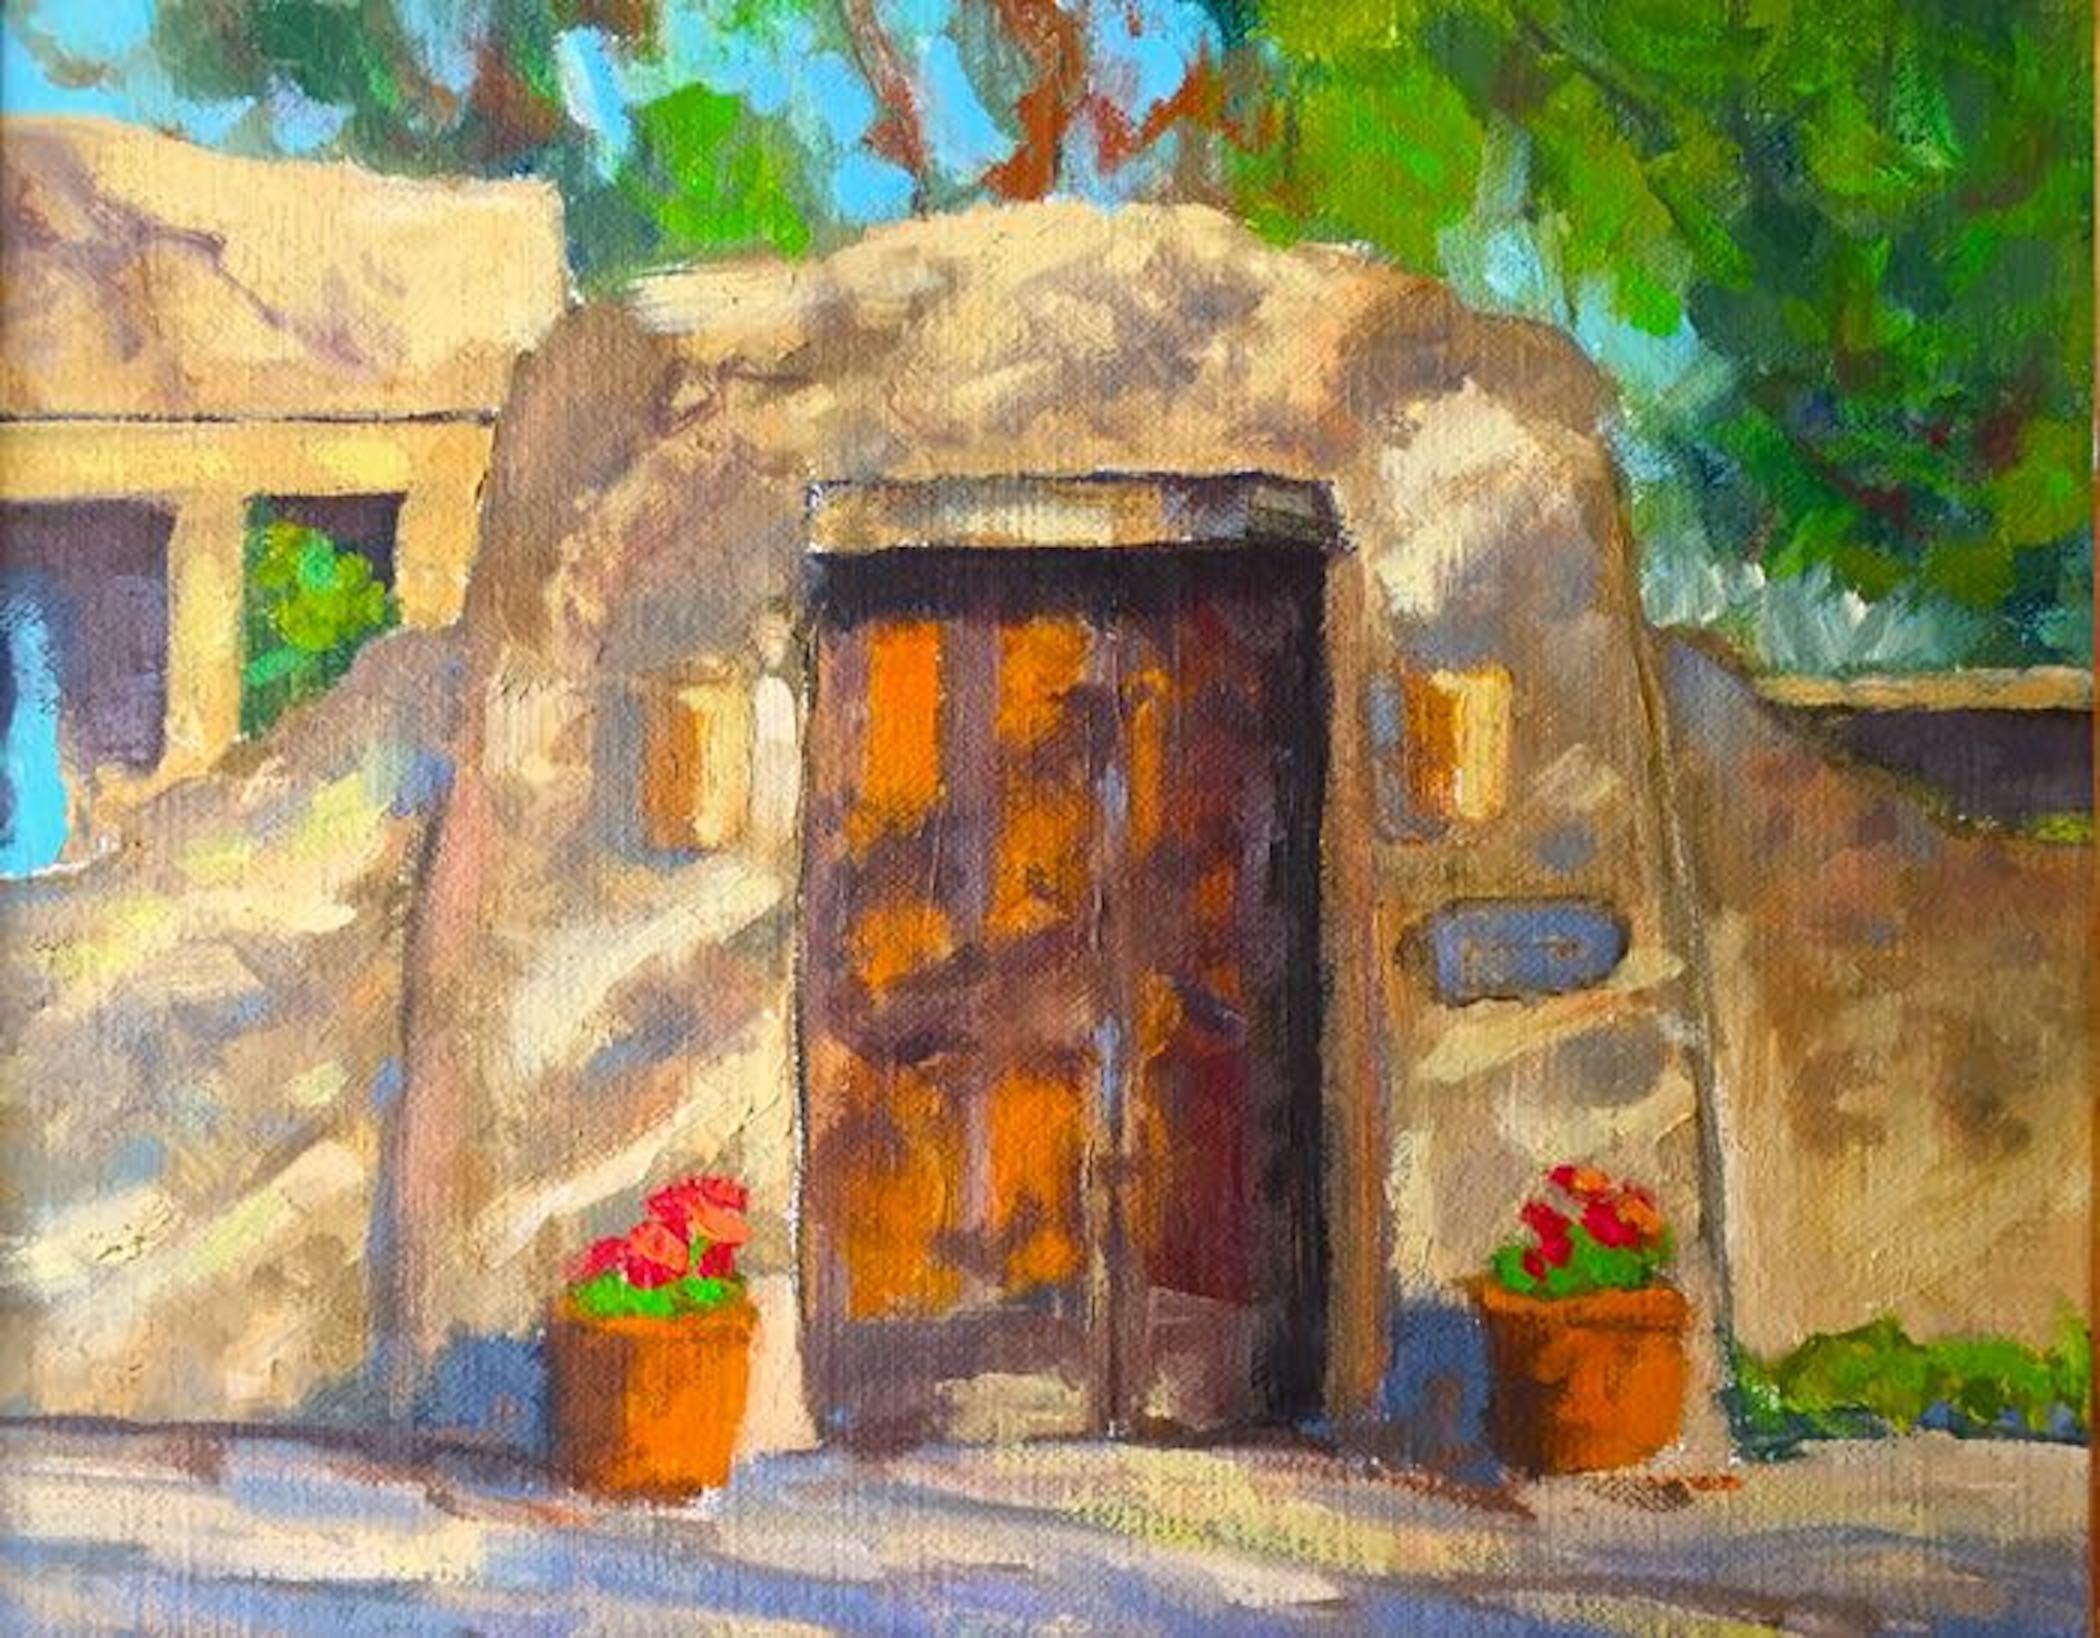 Chris Miller: Santa Fe Morning